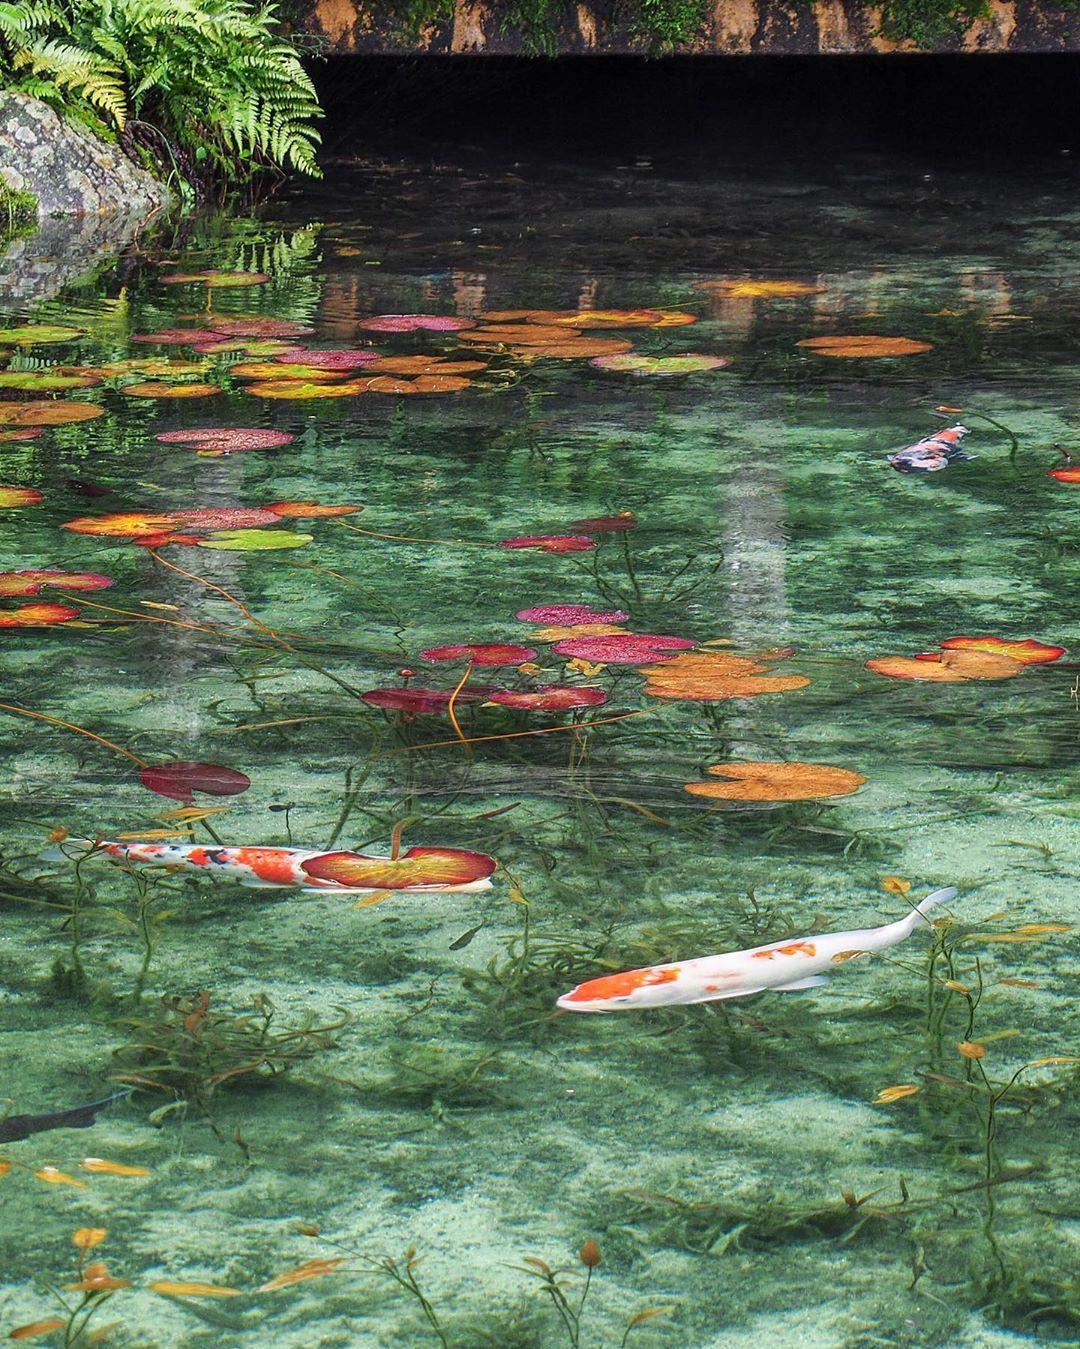 日本岐阜的根道神社有一座无名池塘